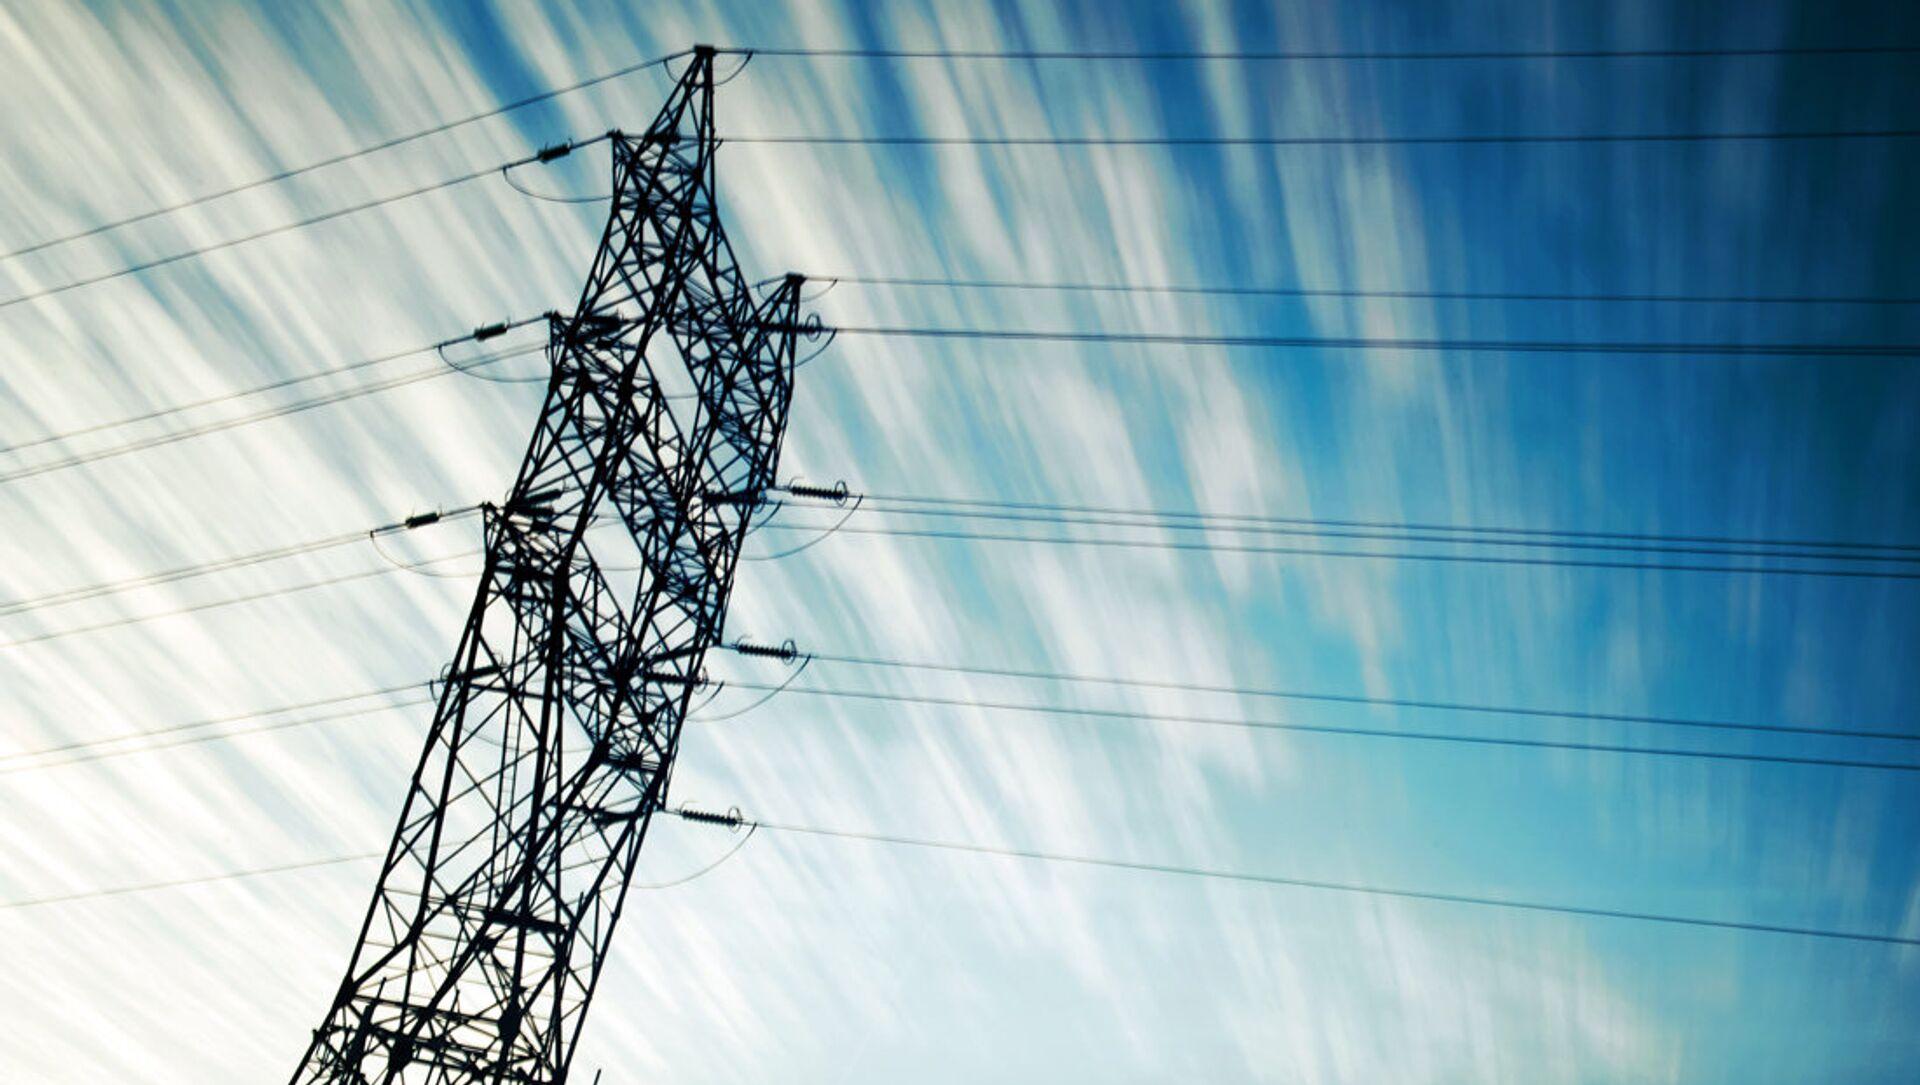 Líneas de electricidad (imagen referencial) - Sputnik Mundo, 1920, 29.11.2020